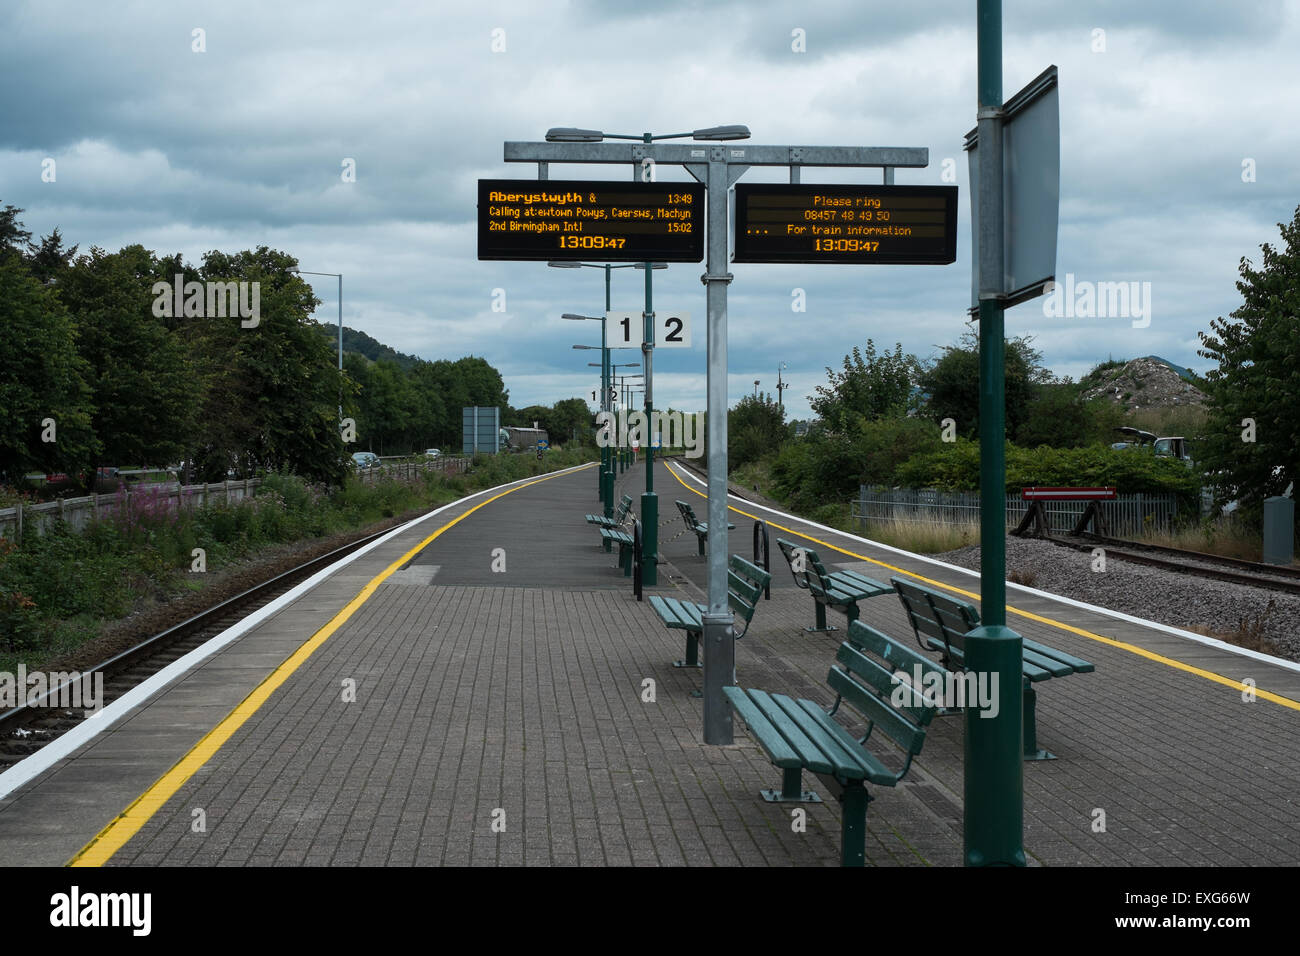 train indicators, Welshpool station - Stock Image